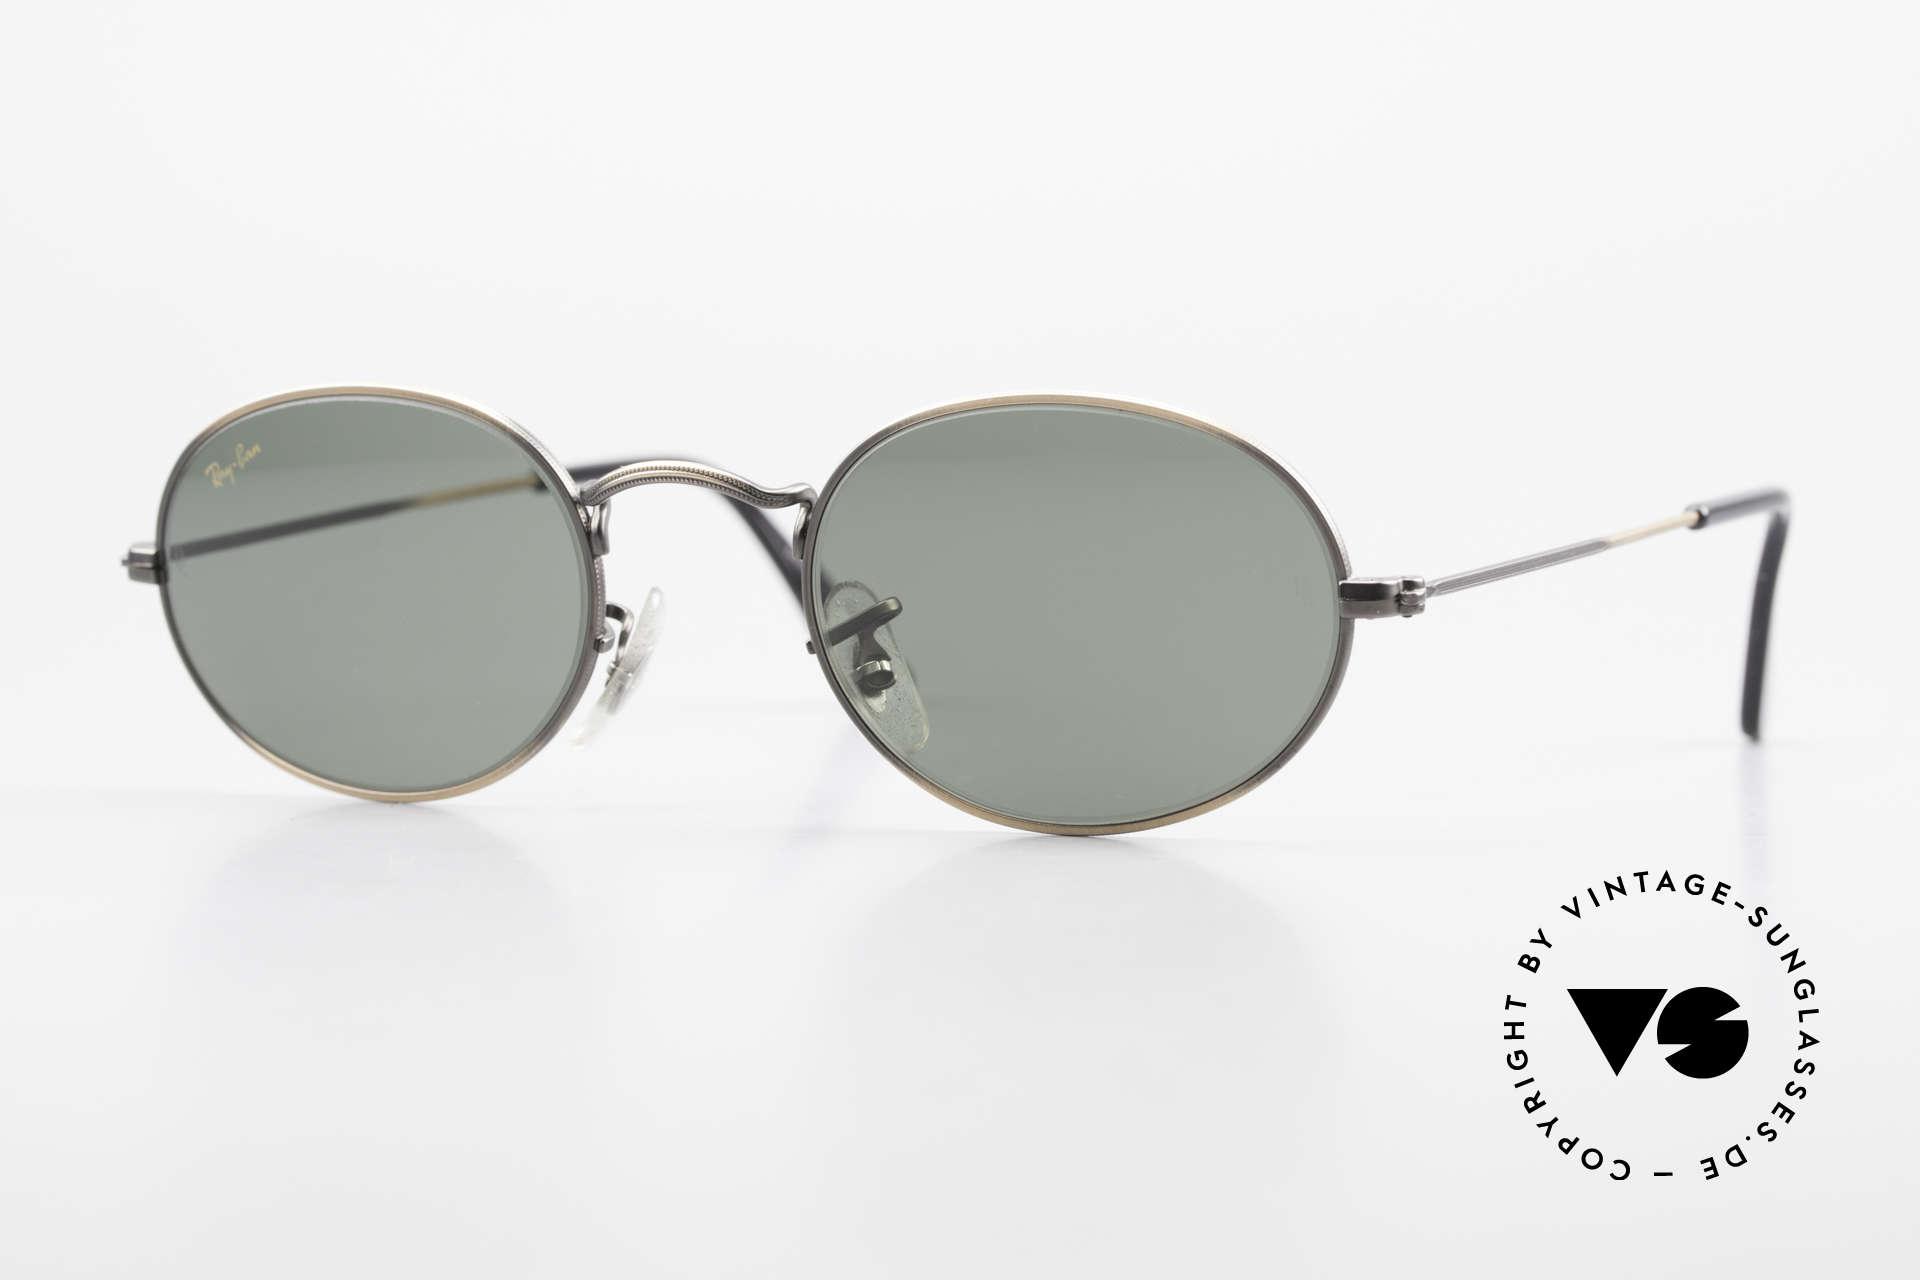 """Ray Ban Classic Style I Ovale Ray-Ban Sonnenbrille, Modell aus der alten Ray-Ban """"Classic Collection"""", Passend für Herren und Damen"""